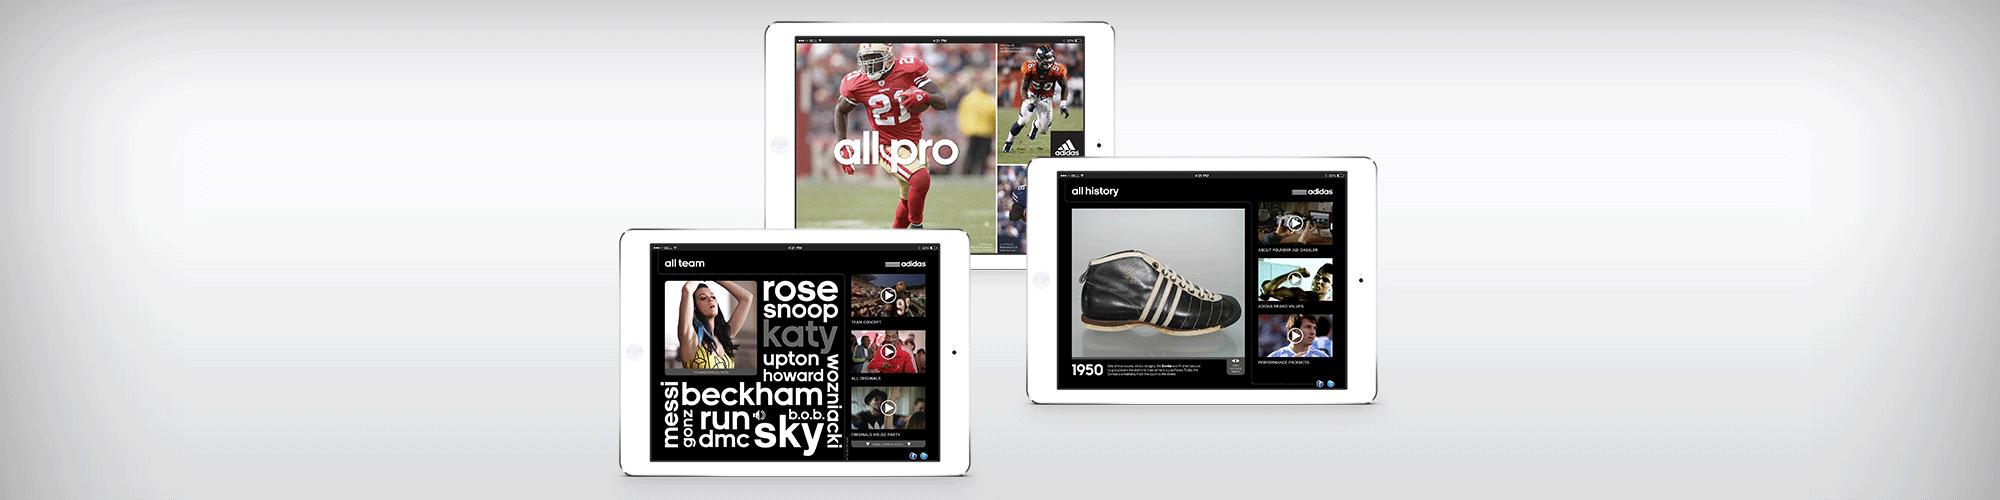 adidas_hero_2000x500pxArtboard-1